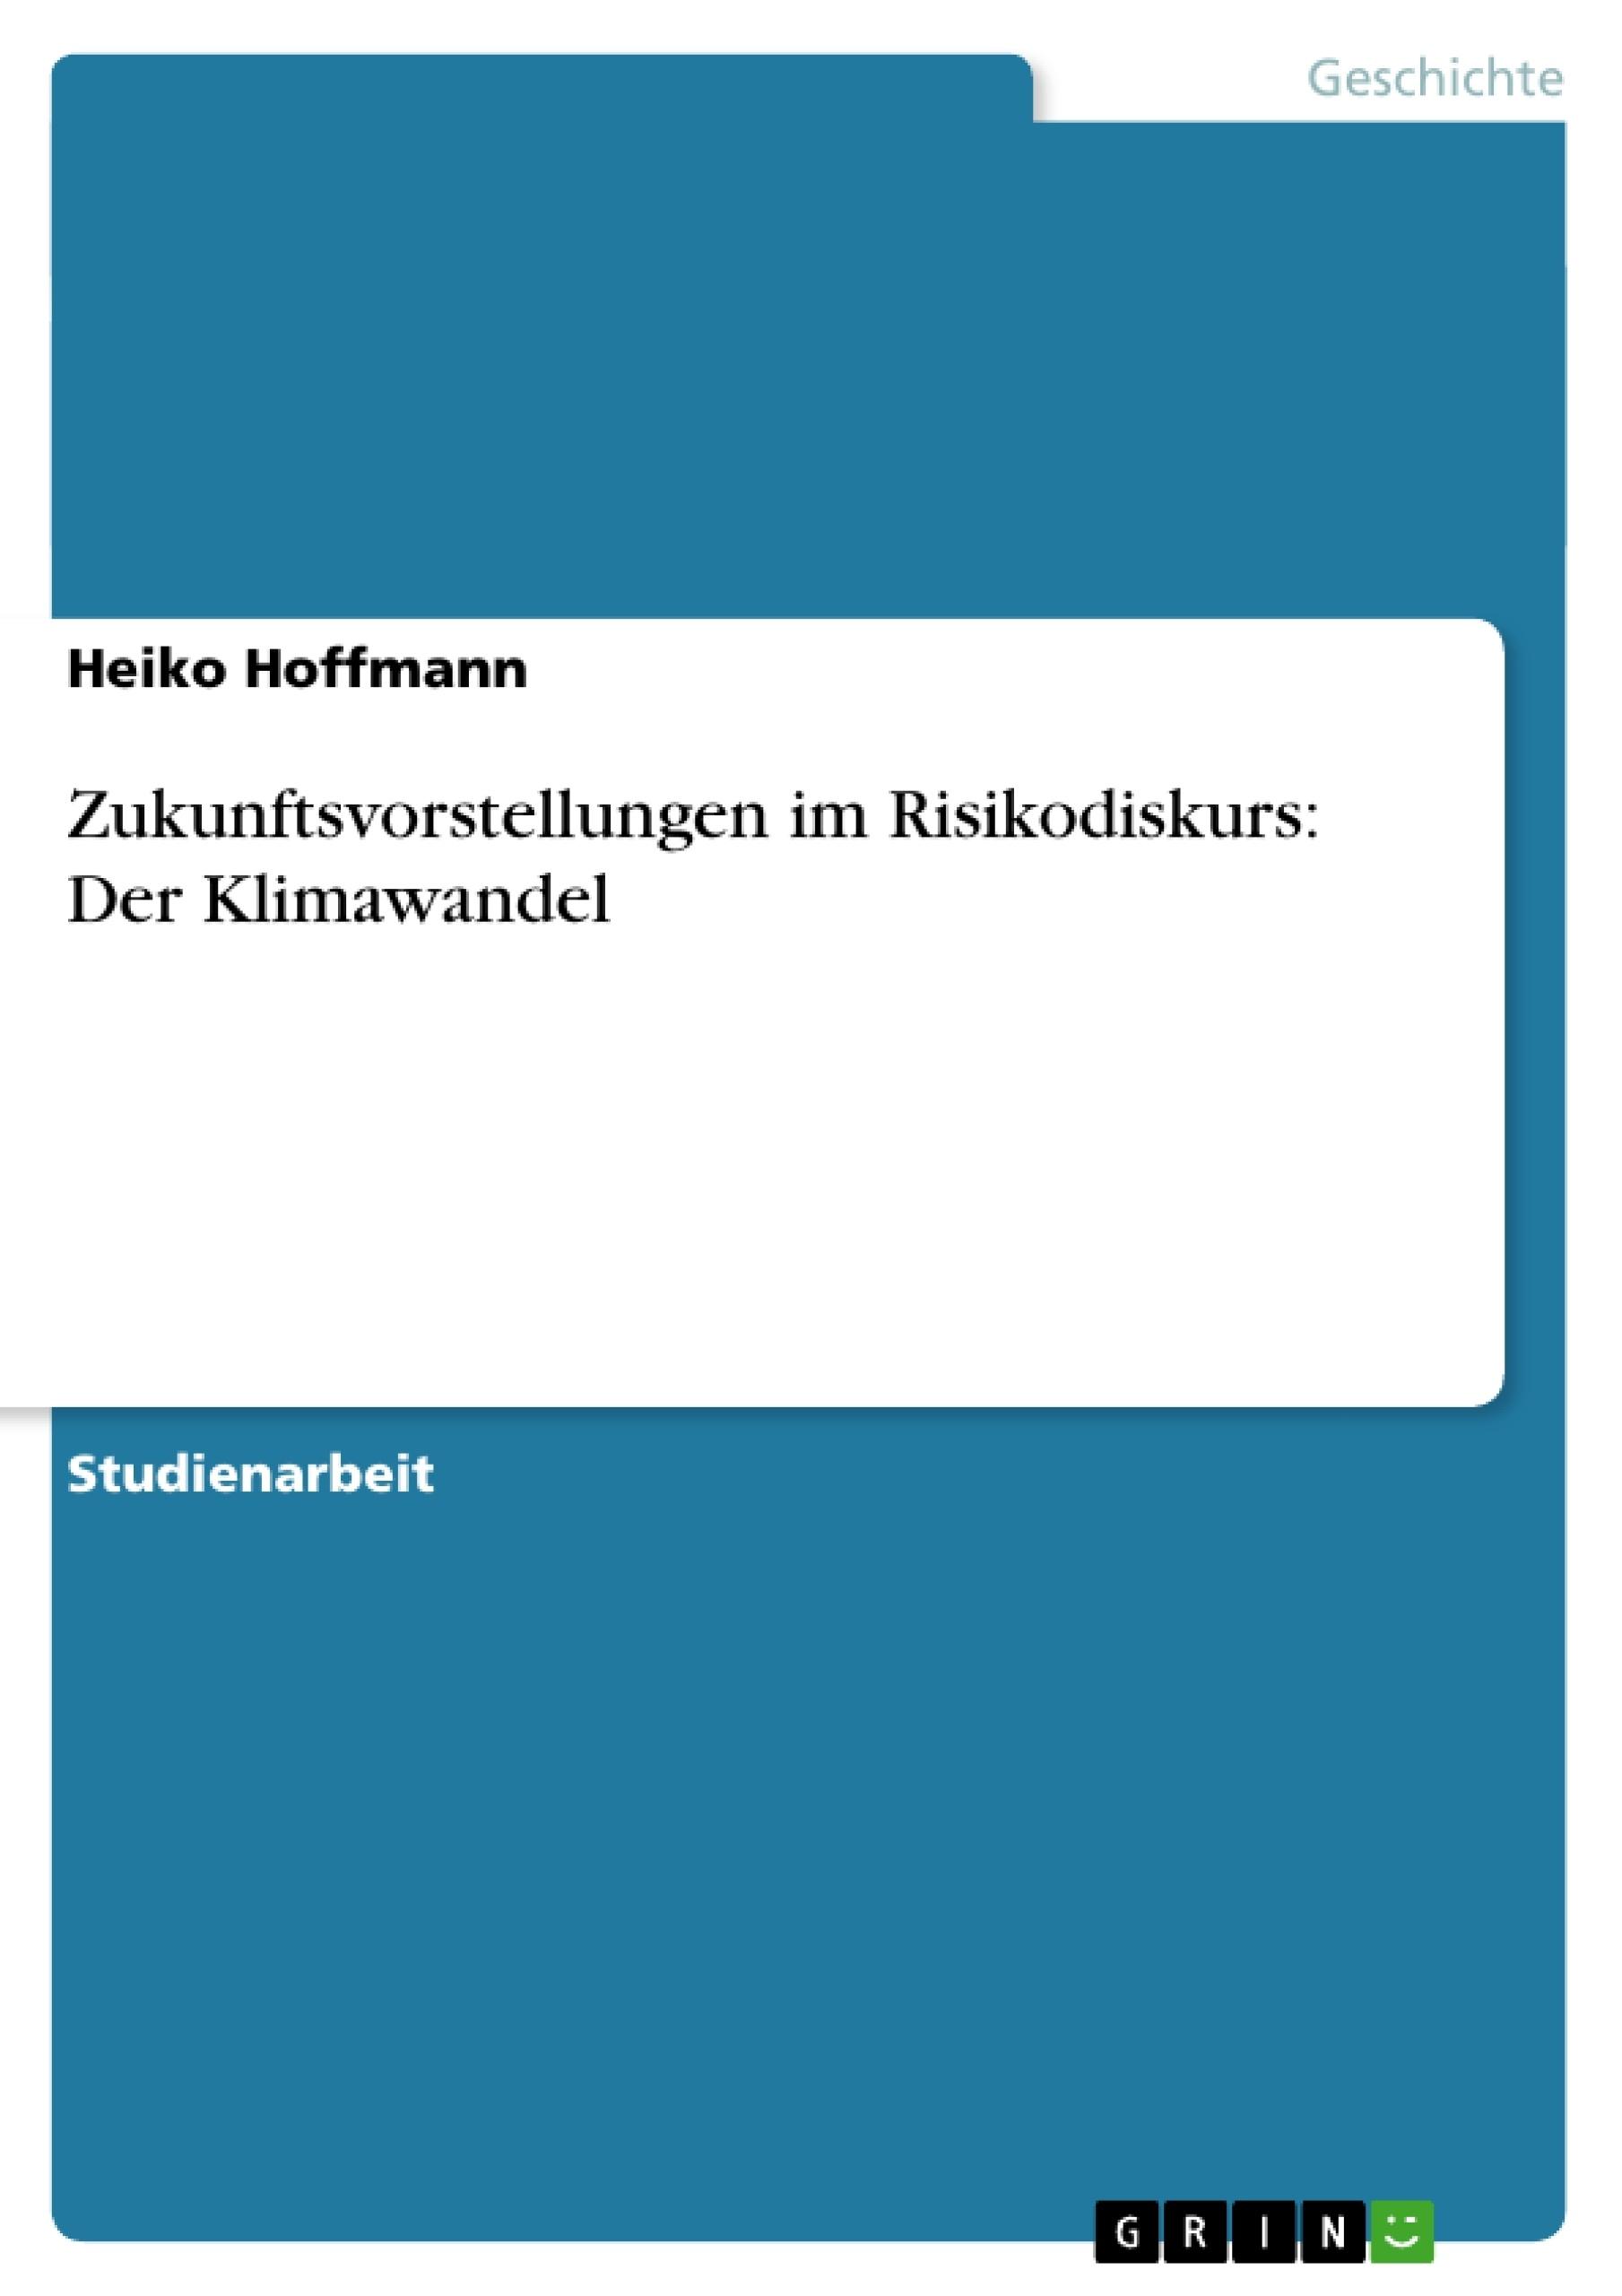 Titel: Zukunftsvorstellungen im Risikodiskurs: Der Klimawandel